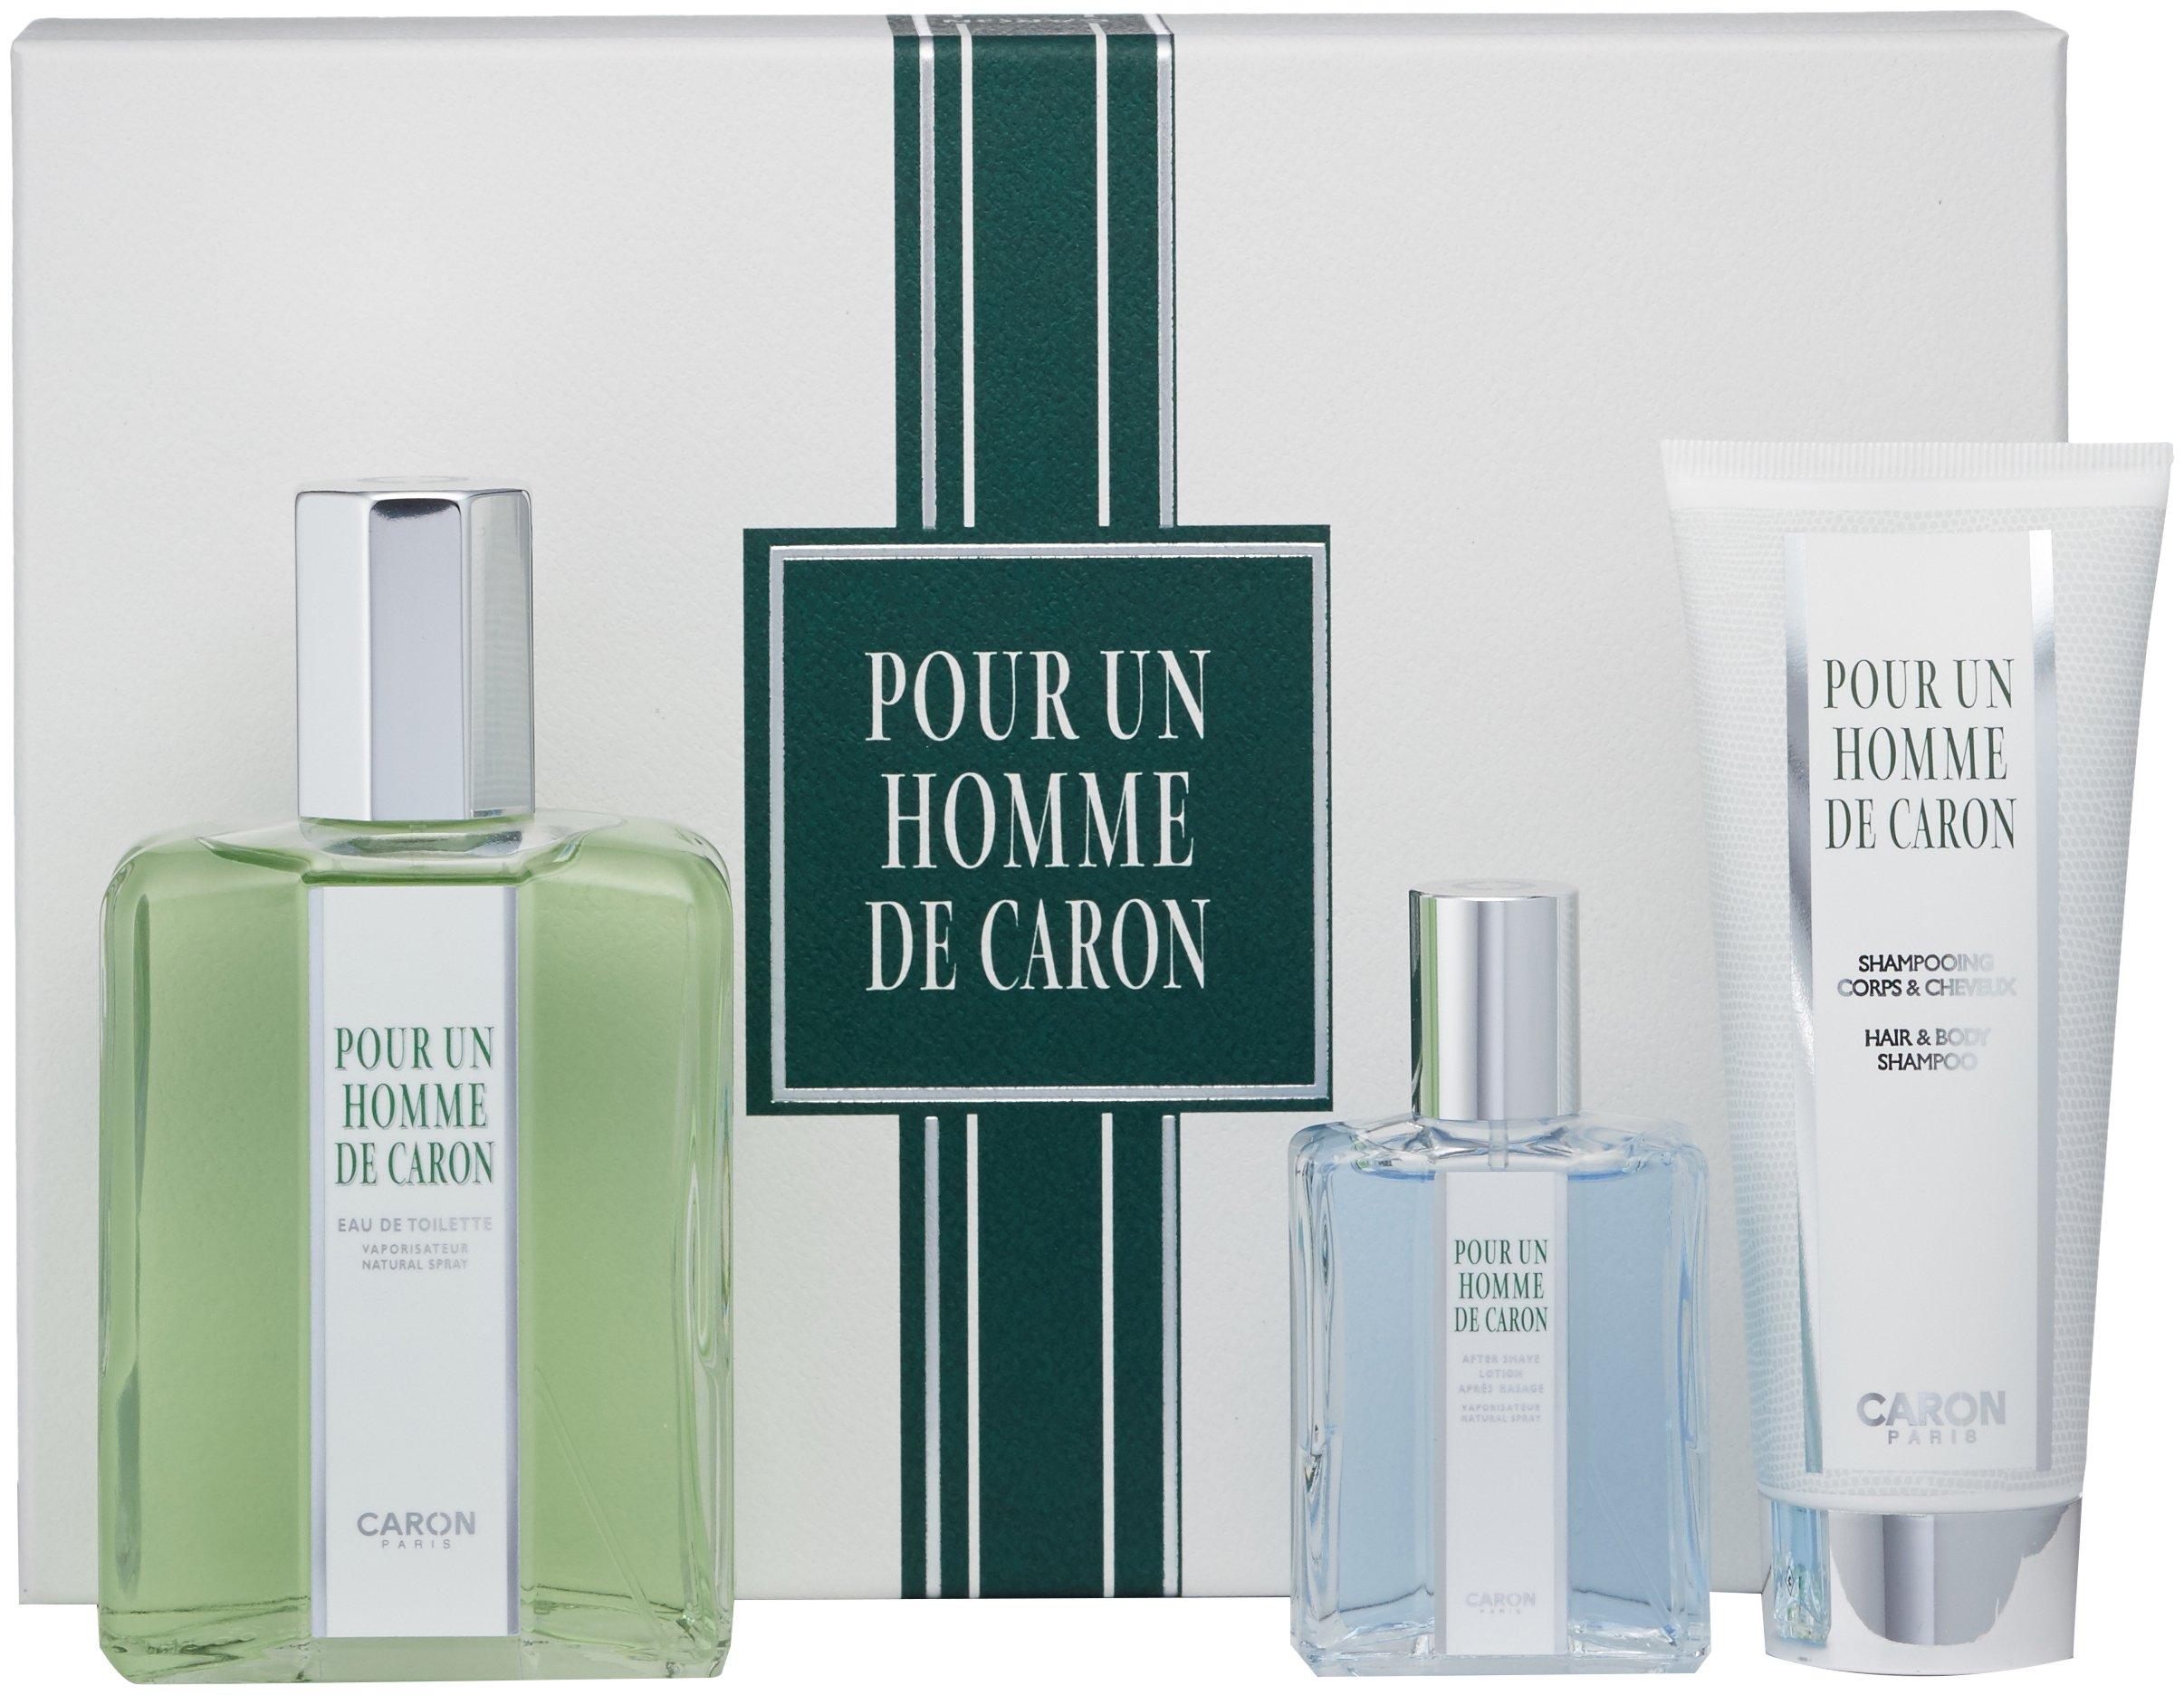 CARON PARIS Pour Un Homme De Caron 200ml Gift Set